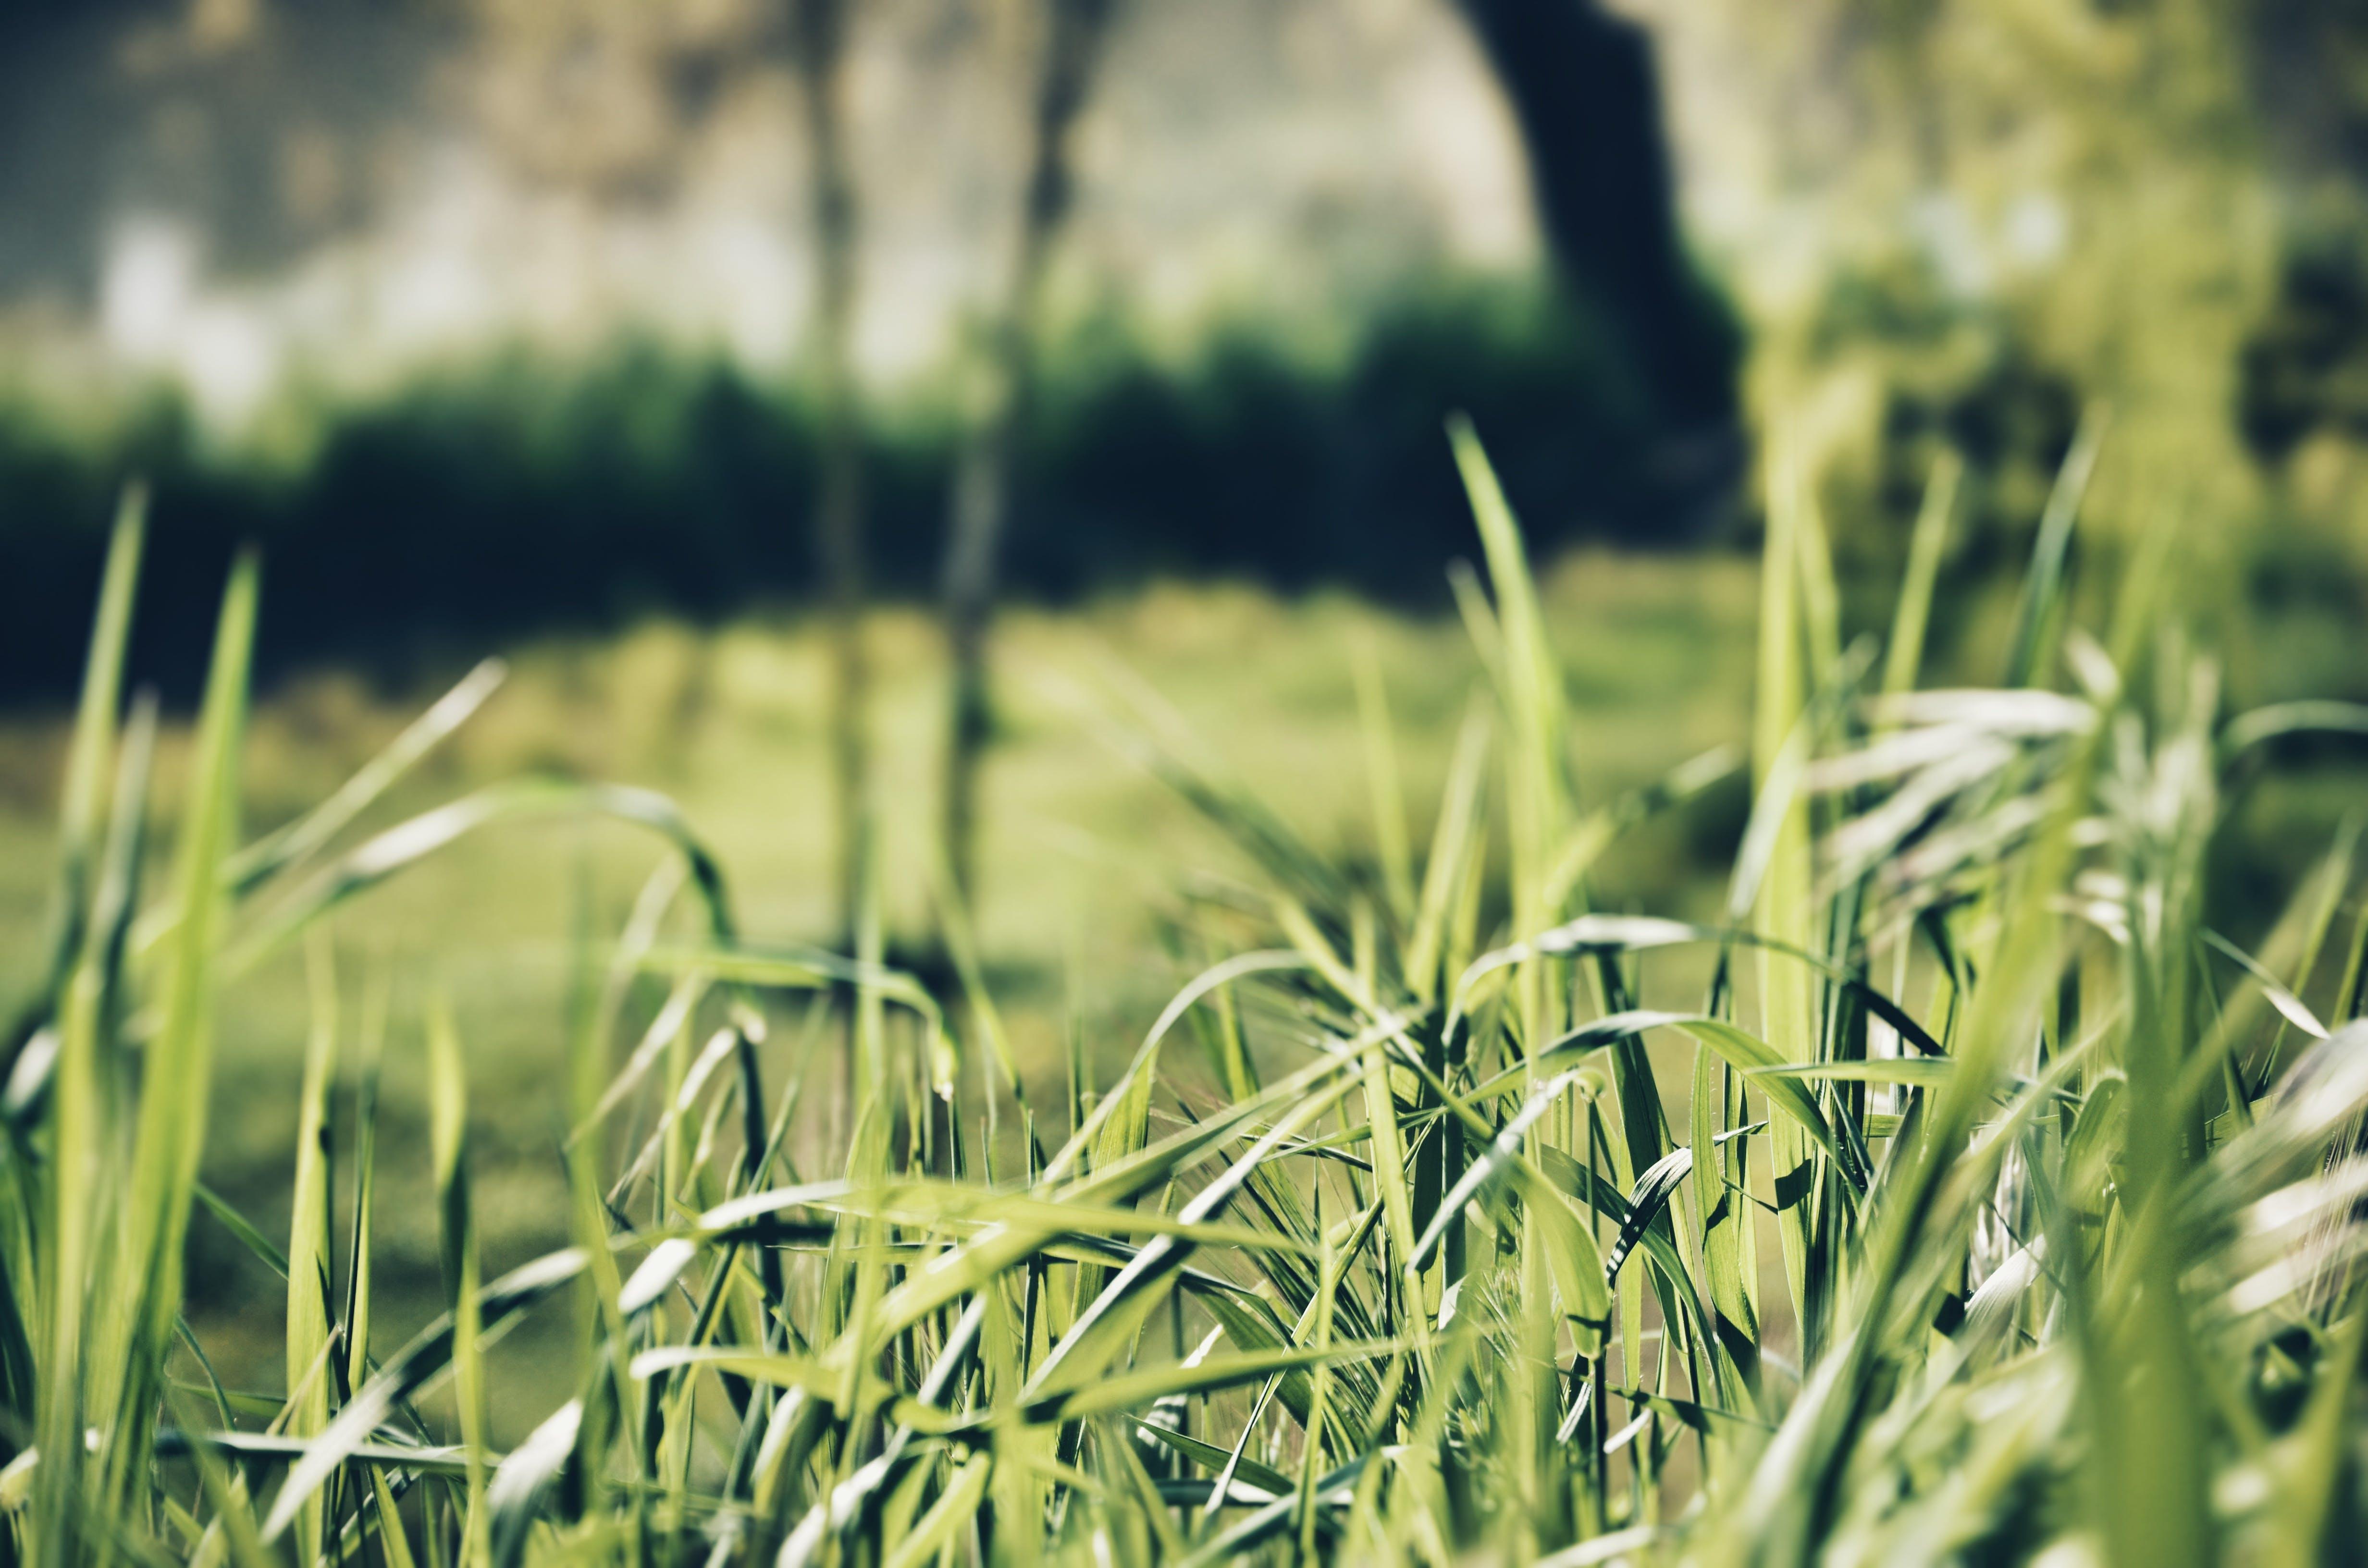 Foto stok gratis berbayang, bidang, halaman rumput, pertumbuhan